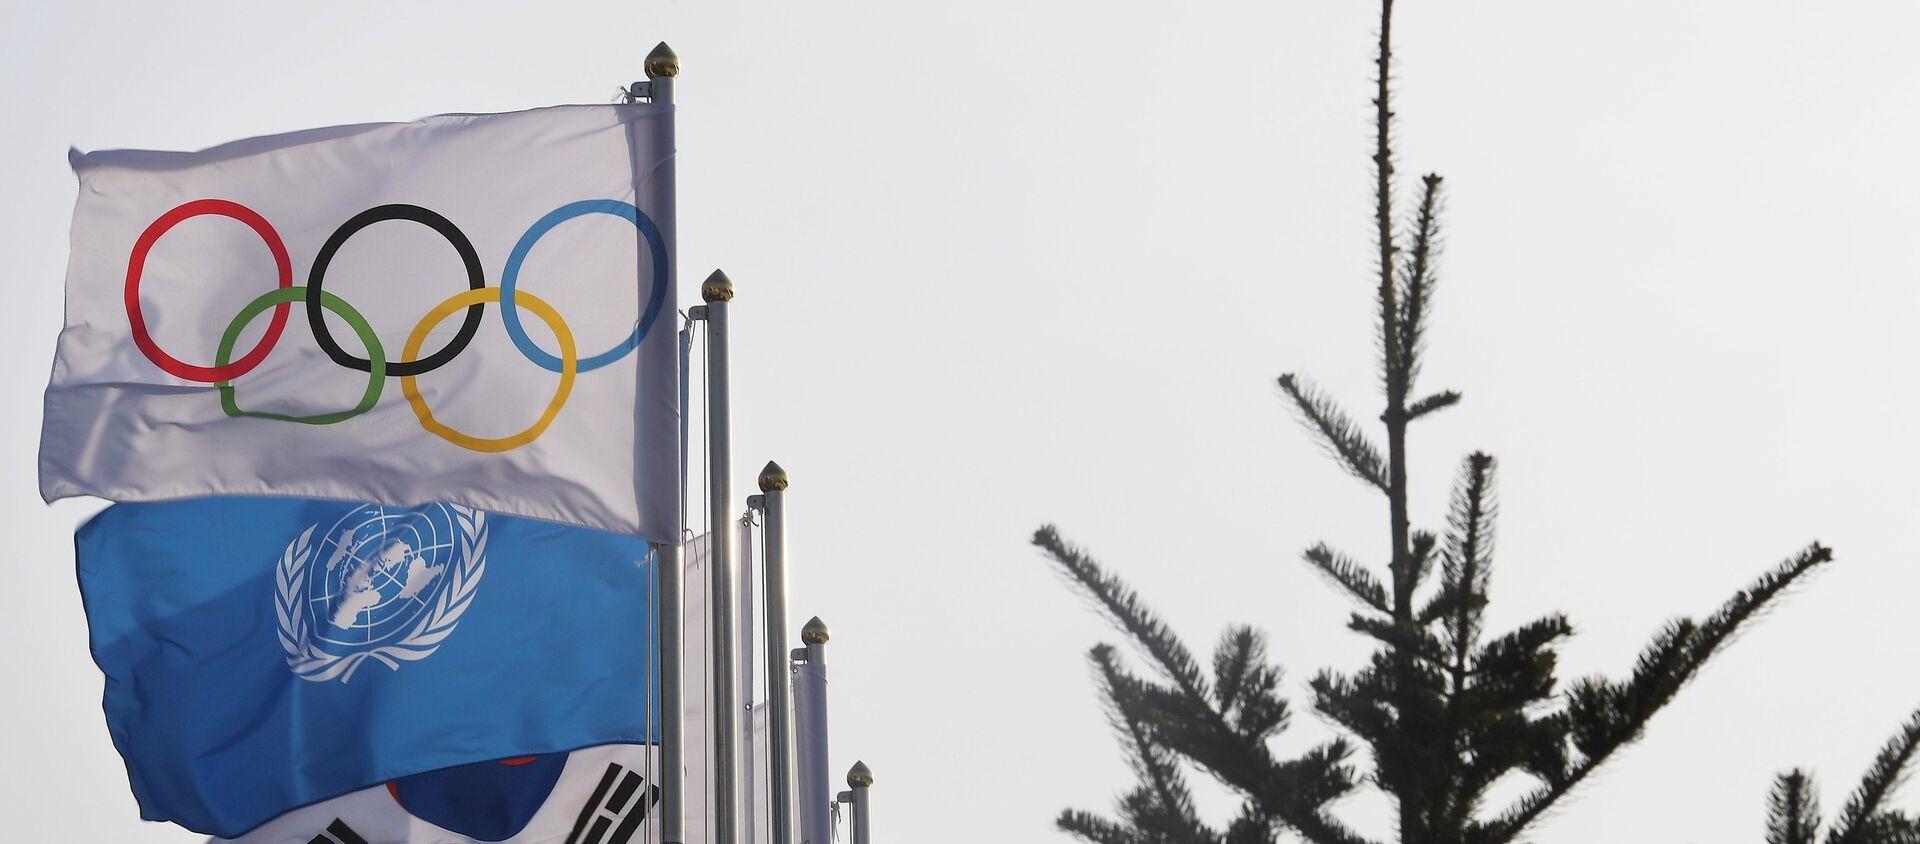 Bandera de los JJOO (imagen referencial) - Sputnik Mundo, 1920, 05.02.2021